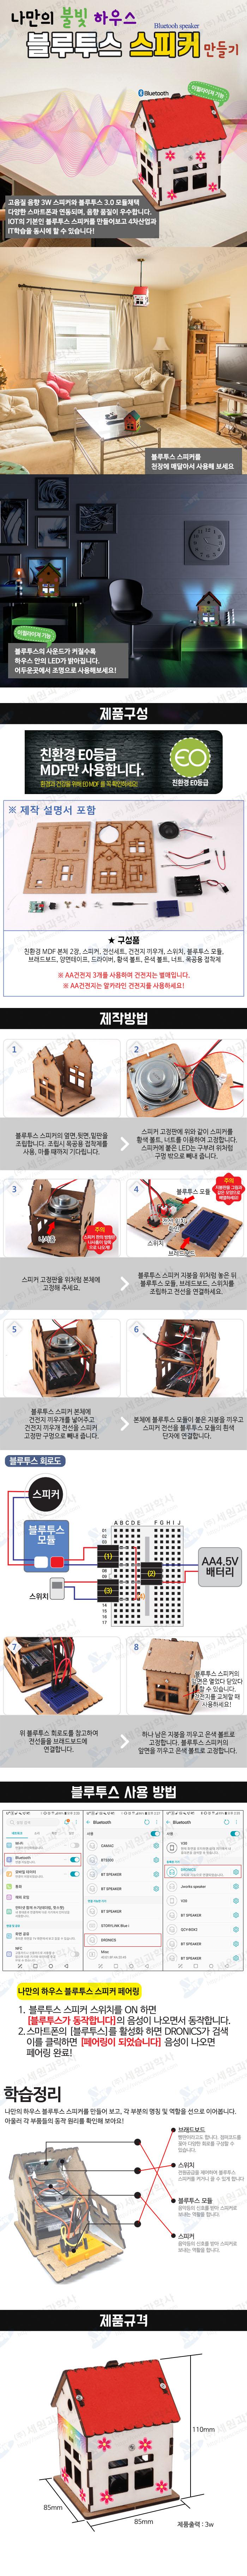 나만의 하우스 블루투스 스피커 만들기_수정.jpg